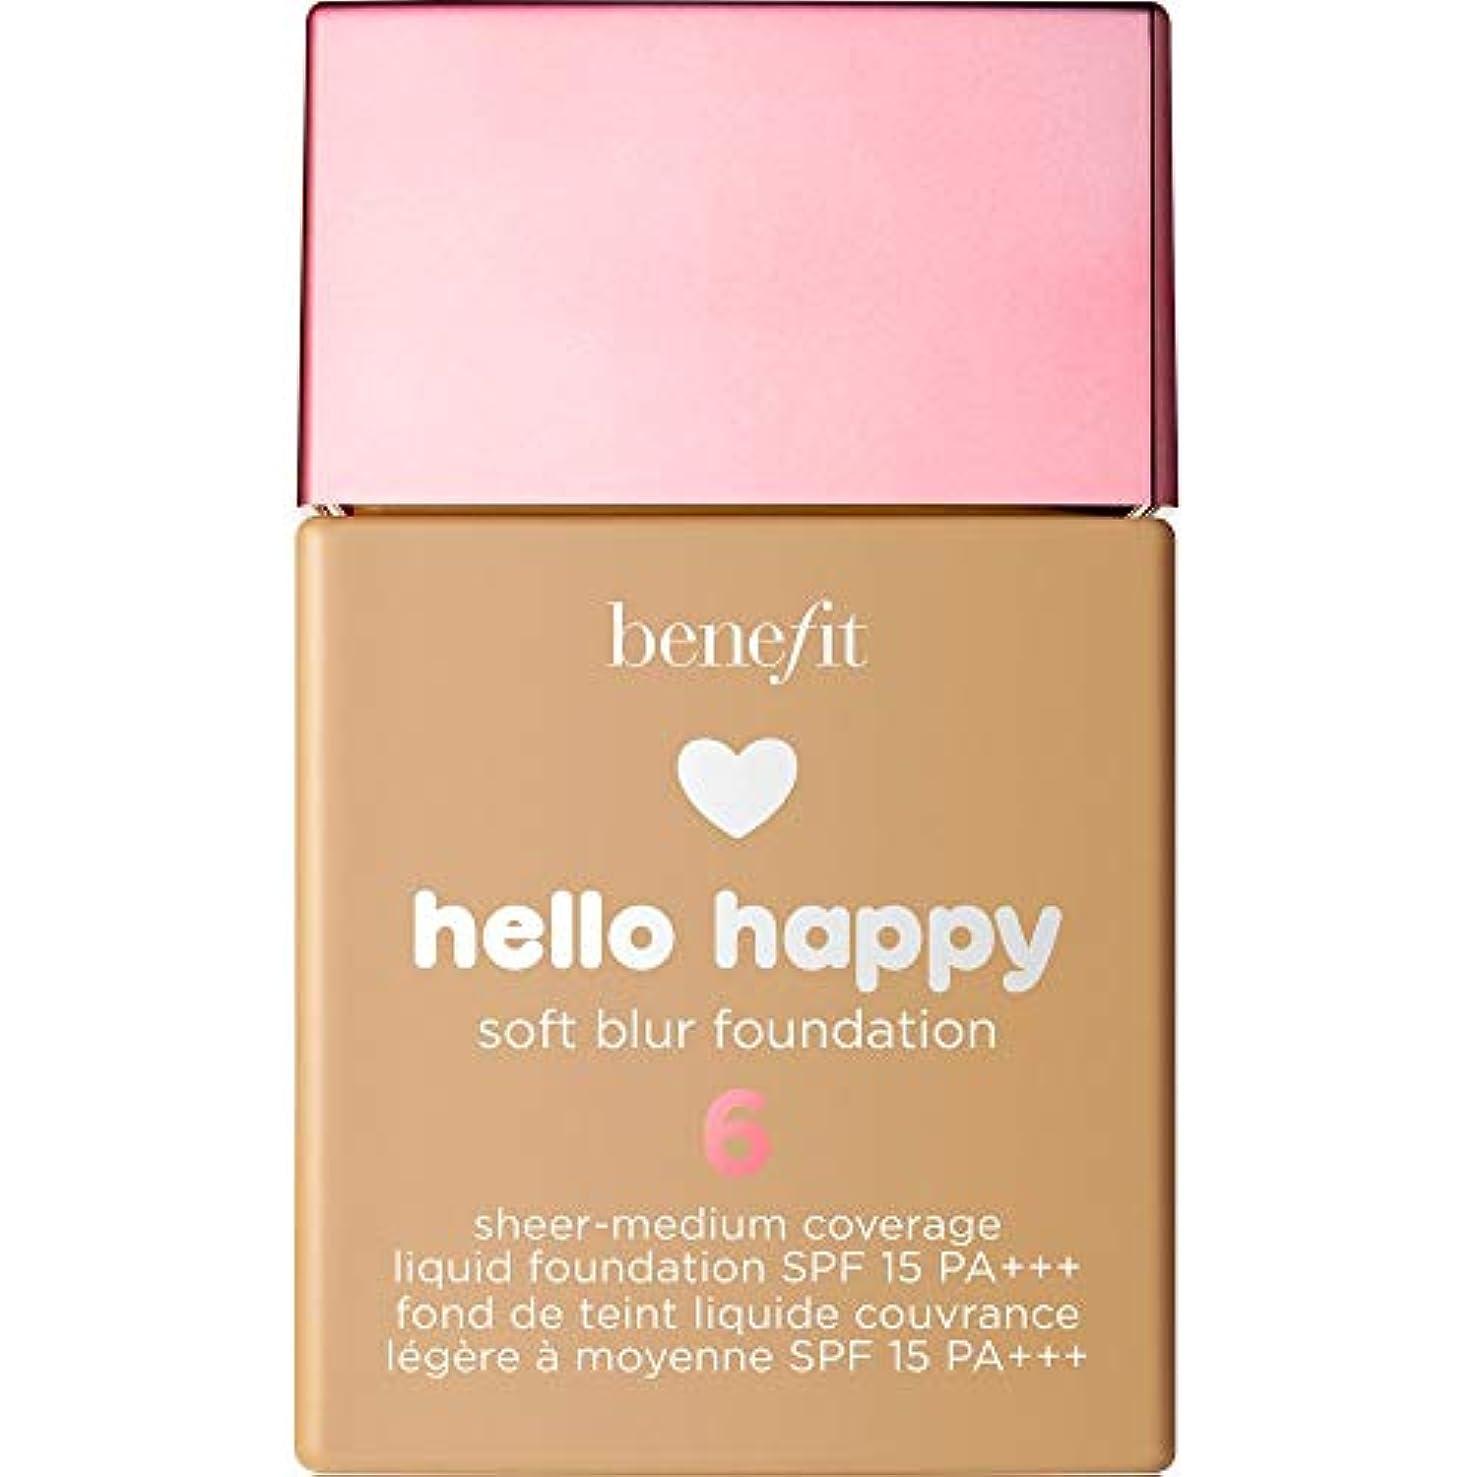 柔和すき木曜日[Benefit] こんにちは幸せなソフトブラー基礎Spf15 30ミリリットル6に利益をもたらす - 温培地 - Benefit Hello Happy Soft Blur Foundation SPF15 30ml...